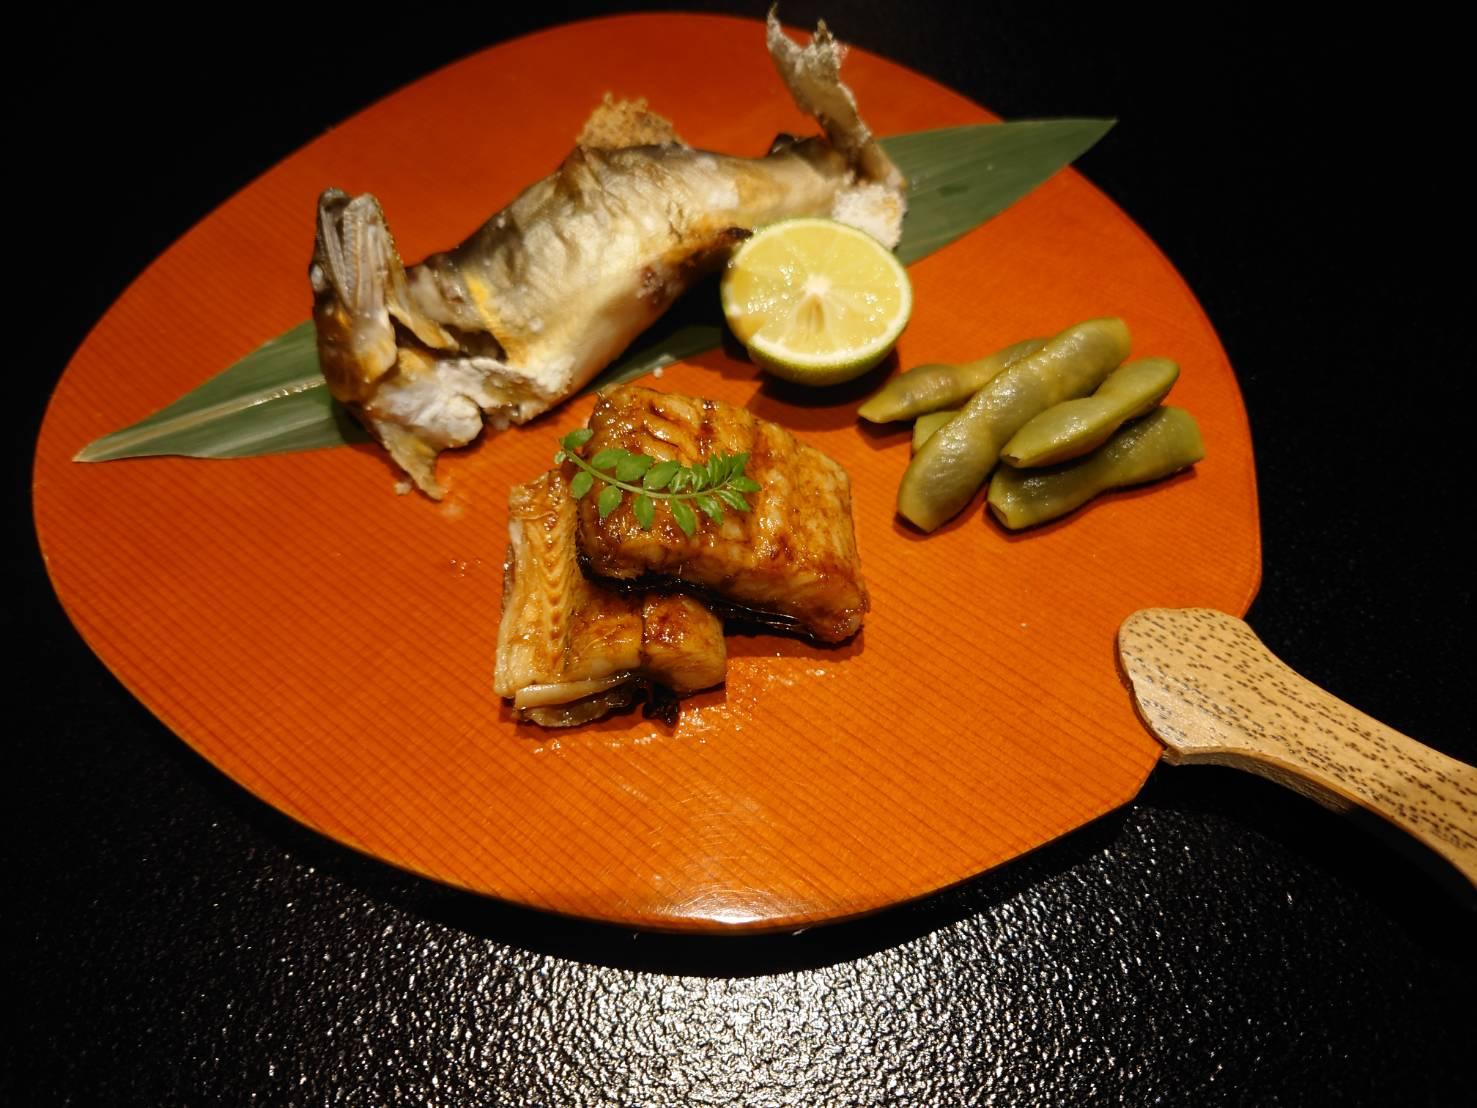 【日本料理みつわ】本日の一皿<p>夏を演出するうちわ皿に、 信濃川の天然鮎、宍道湖の大鰻、 京都伏見の黒枝豆の三品。 信州の清らかな水で育った鮎は、 姿も優美で、程よく脂がのり美味でございます。 貴重な宍道湖産の大鰻は、 香ばしくふっくらと仕上げておりま […]</p>